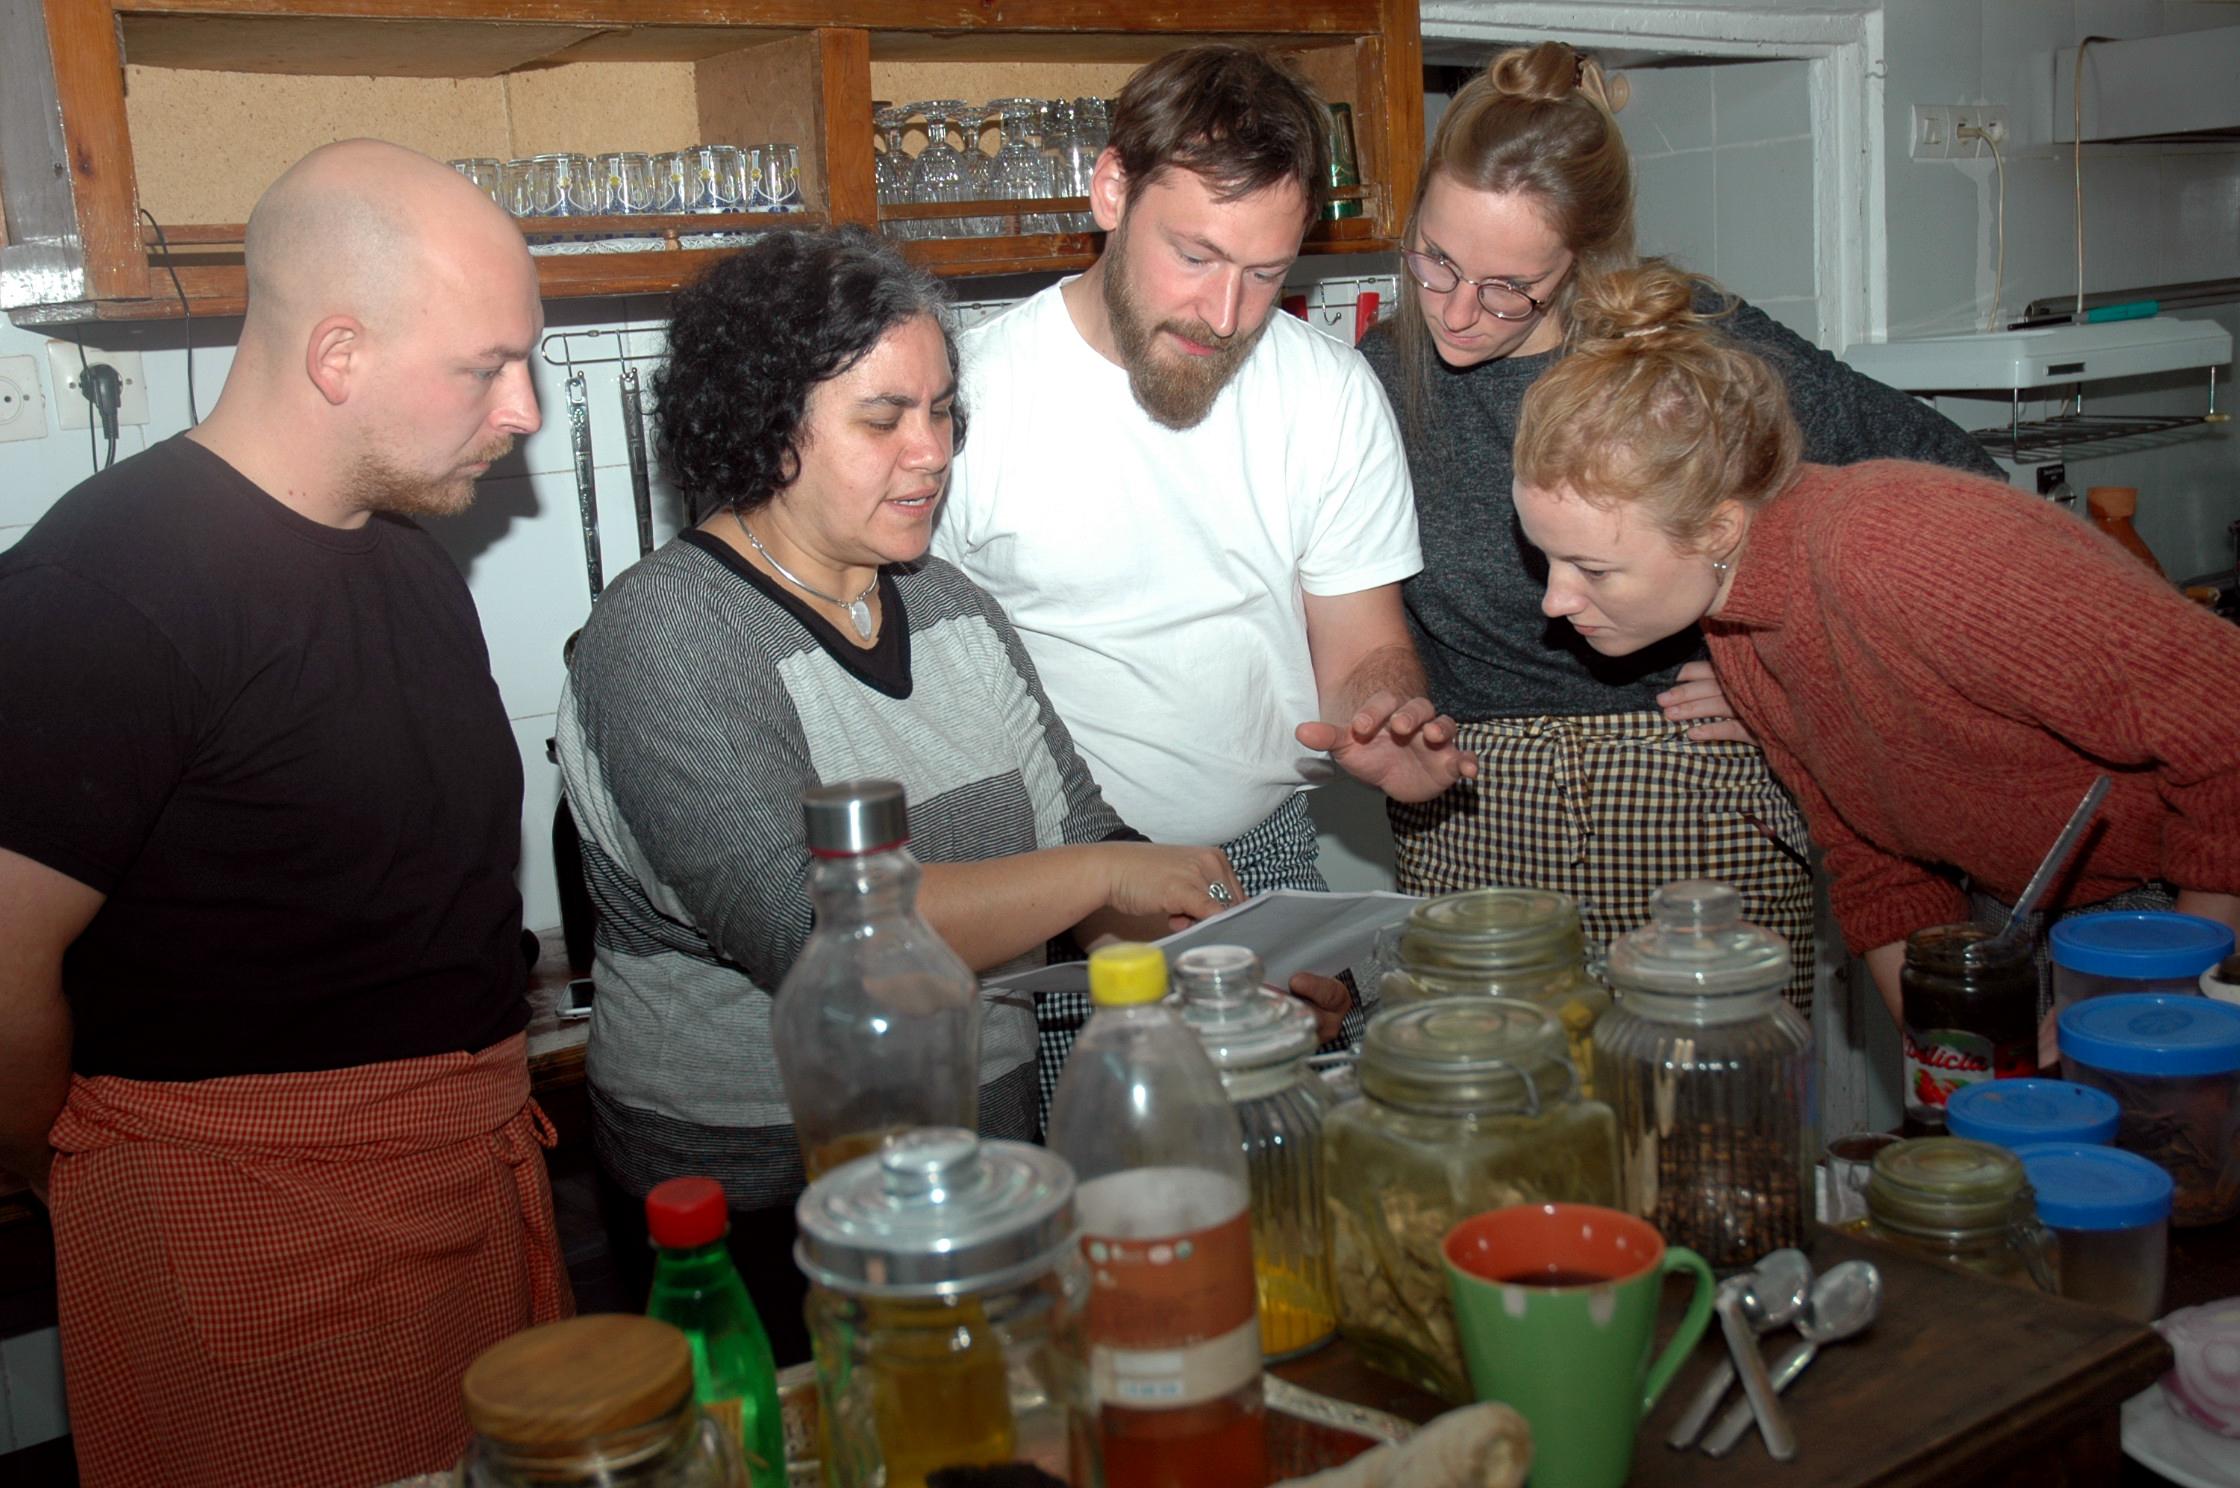 Mouna explaining the spices.